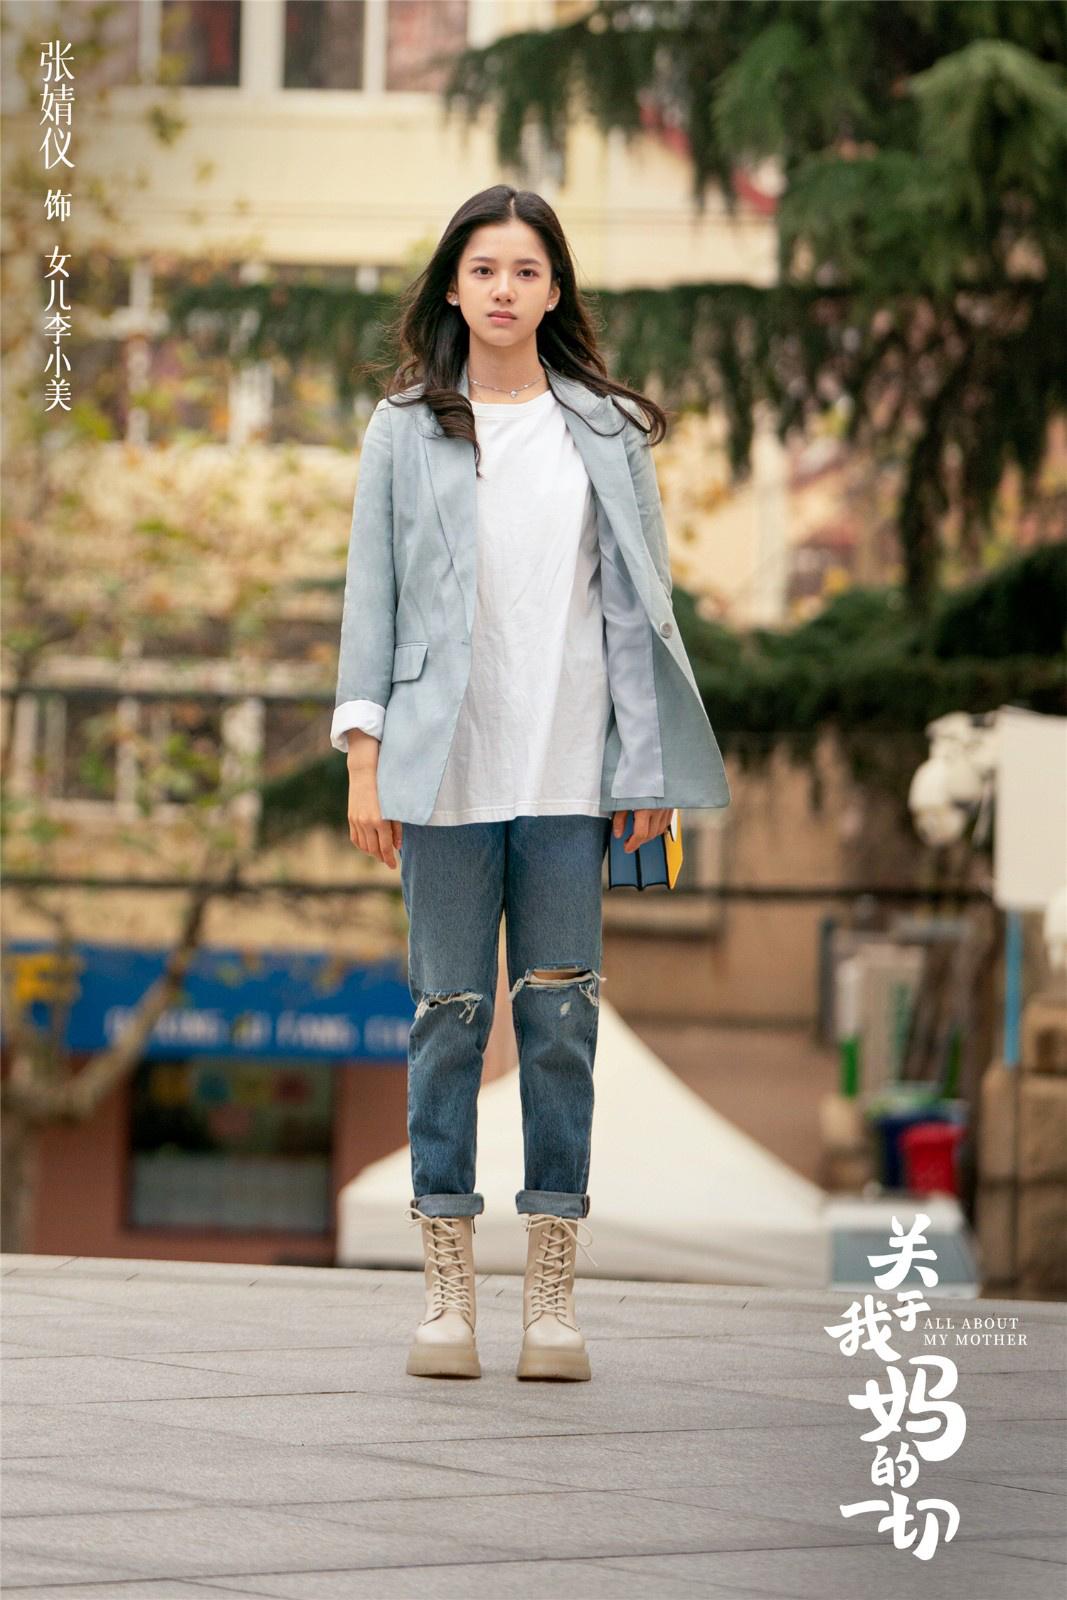 《关于我妈的一切》杀青 徐帆张婧仪描绘温情画卷